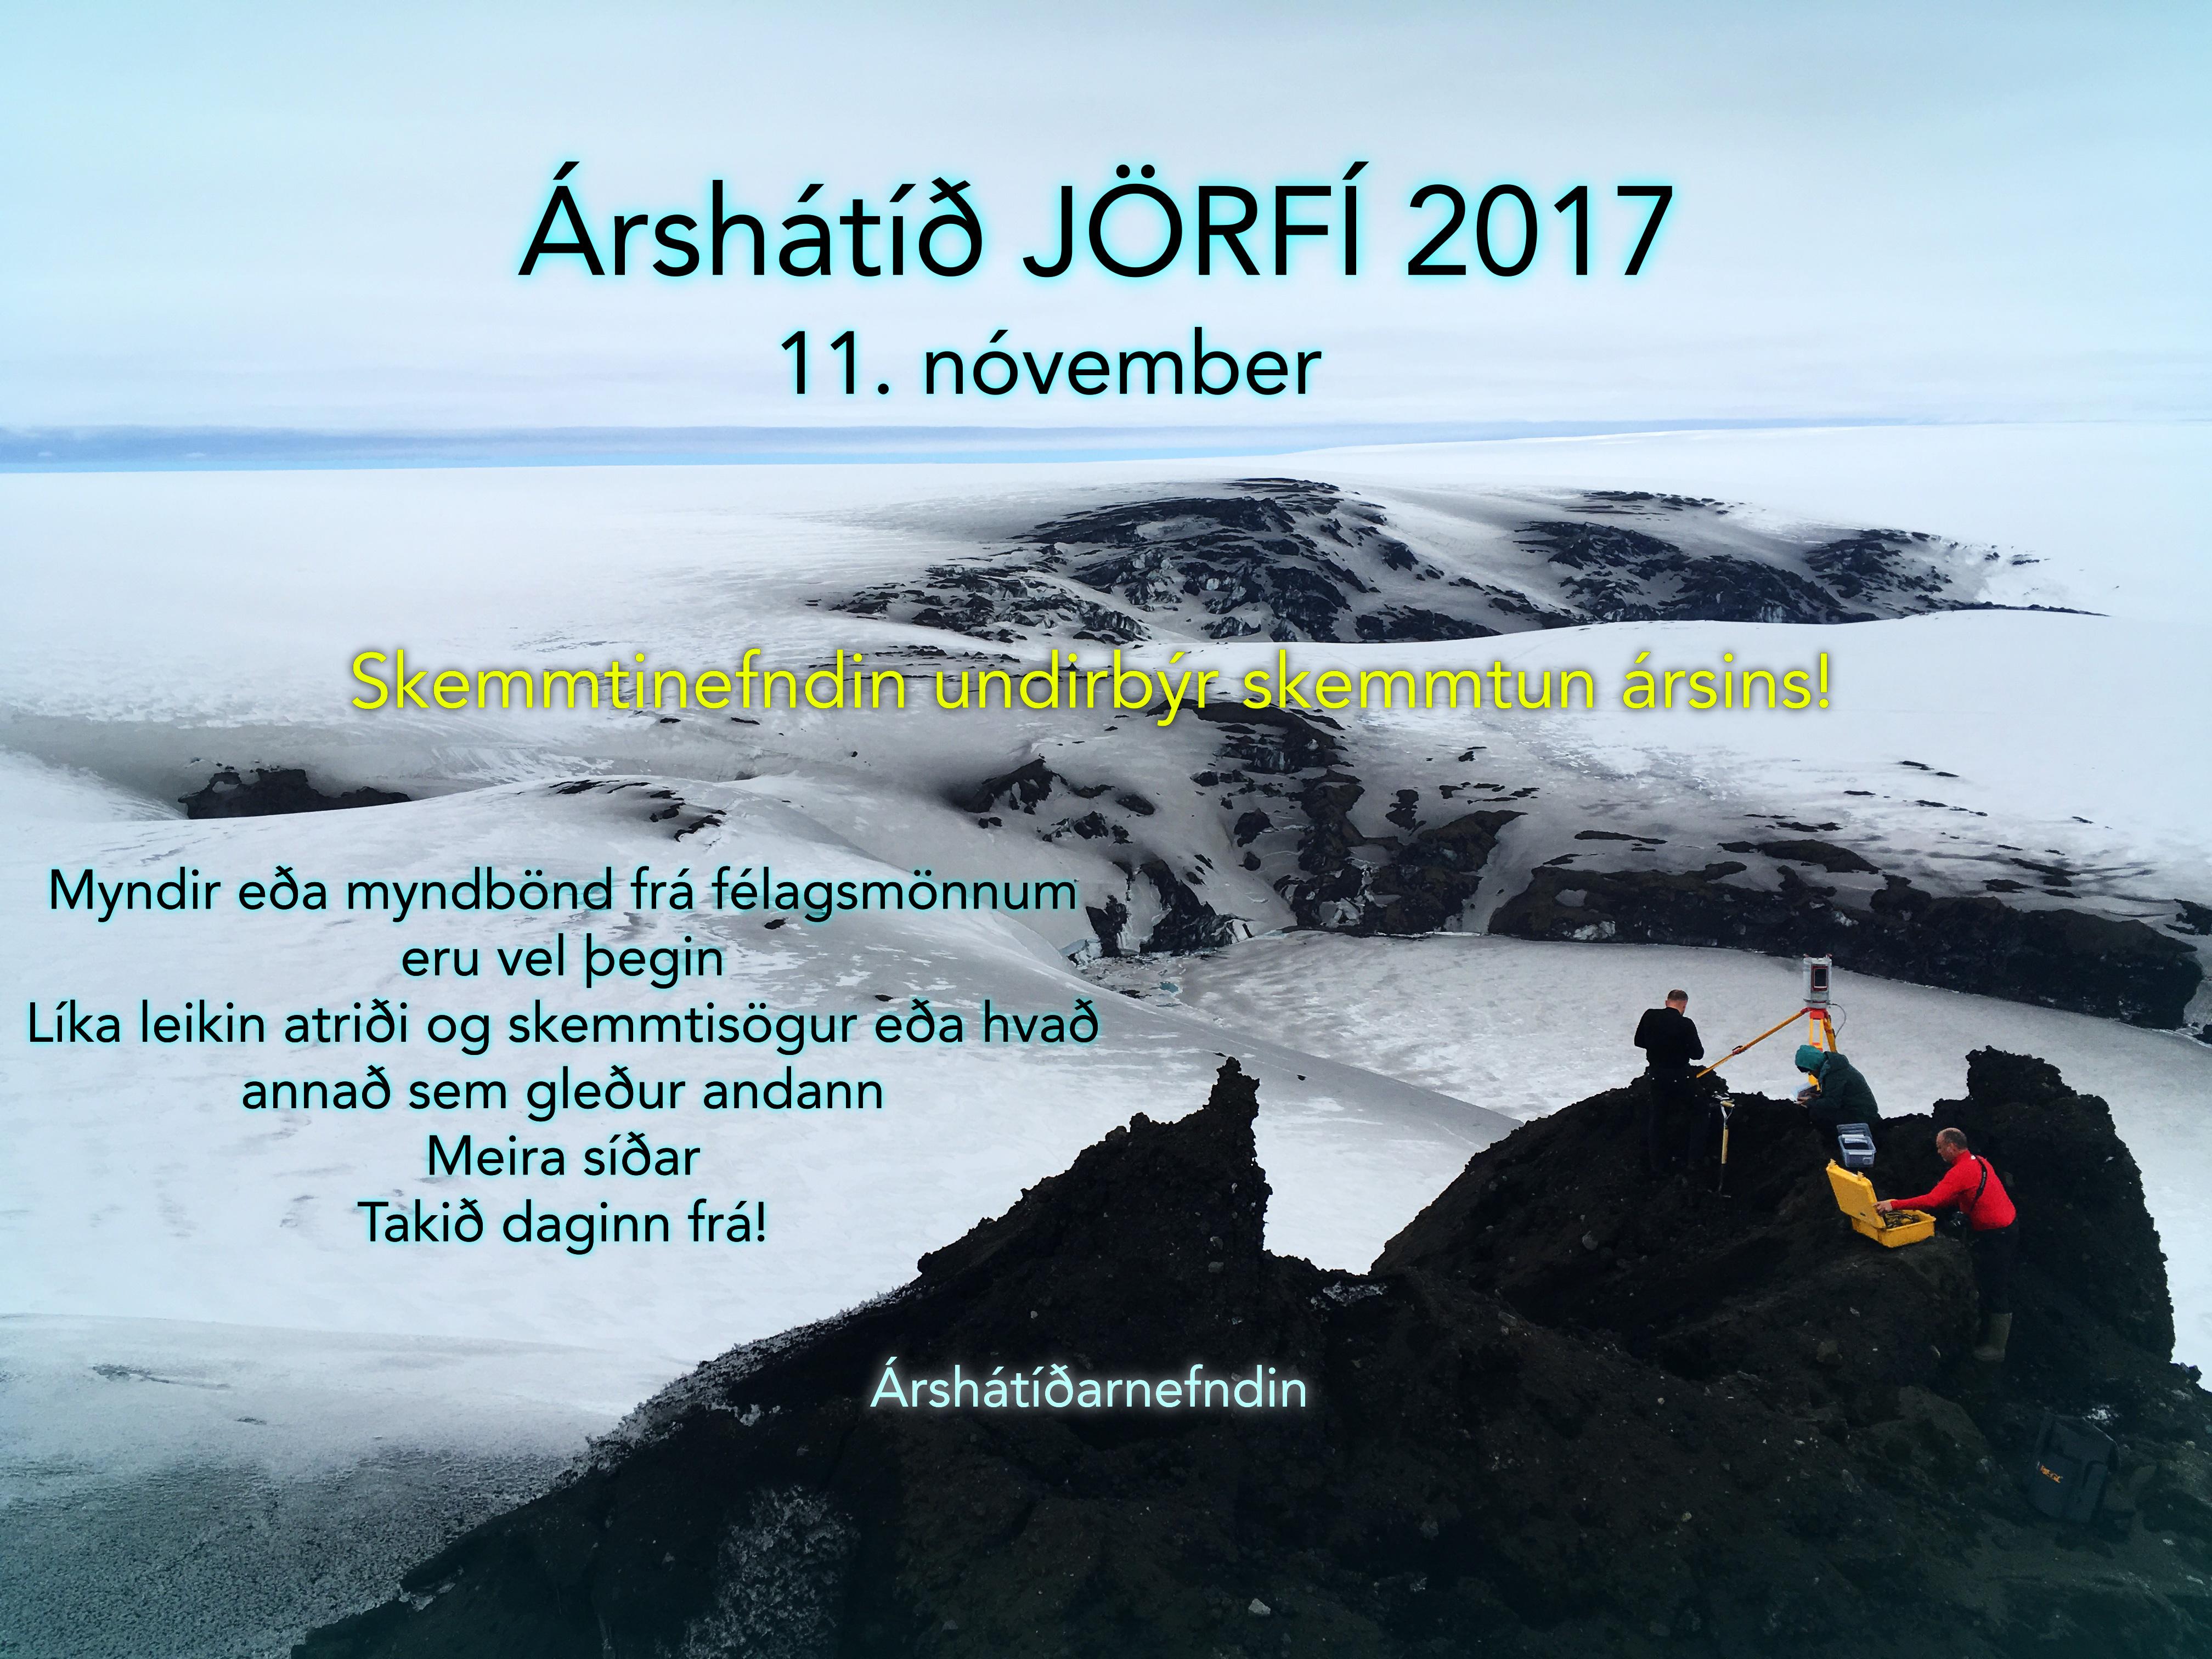 JORFIarshatid2017